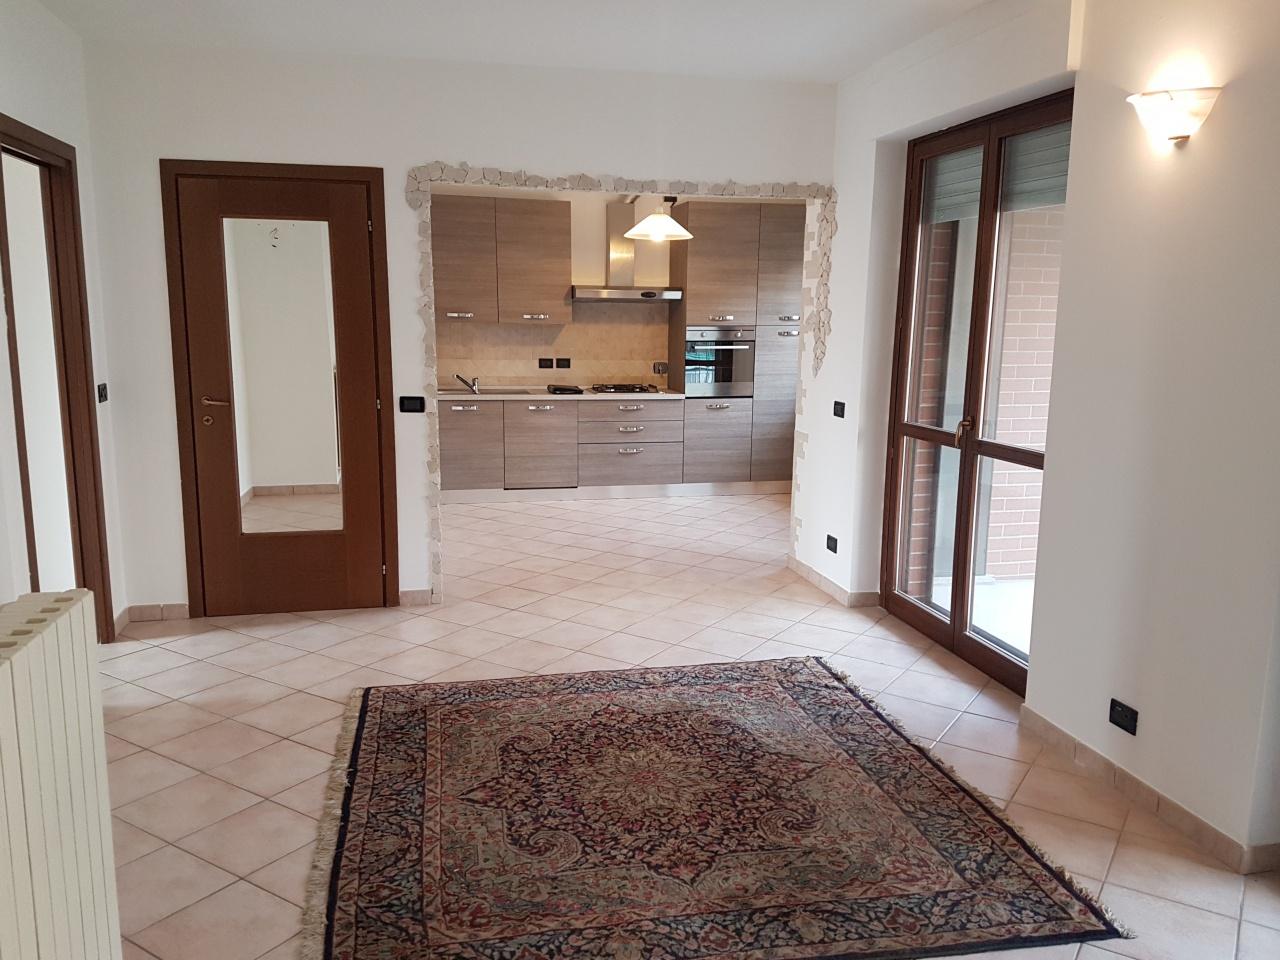 Appartamento in vendita a Montanaro, 4 locali, prezzo € 100.000 | CambioCasa.it